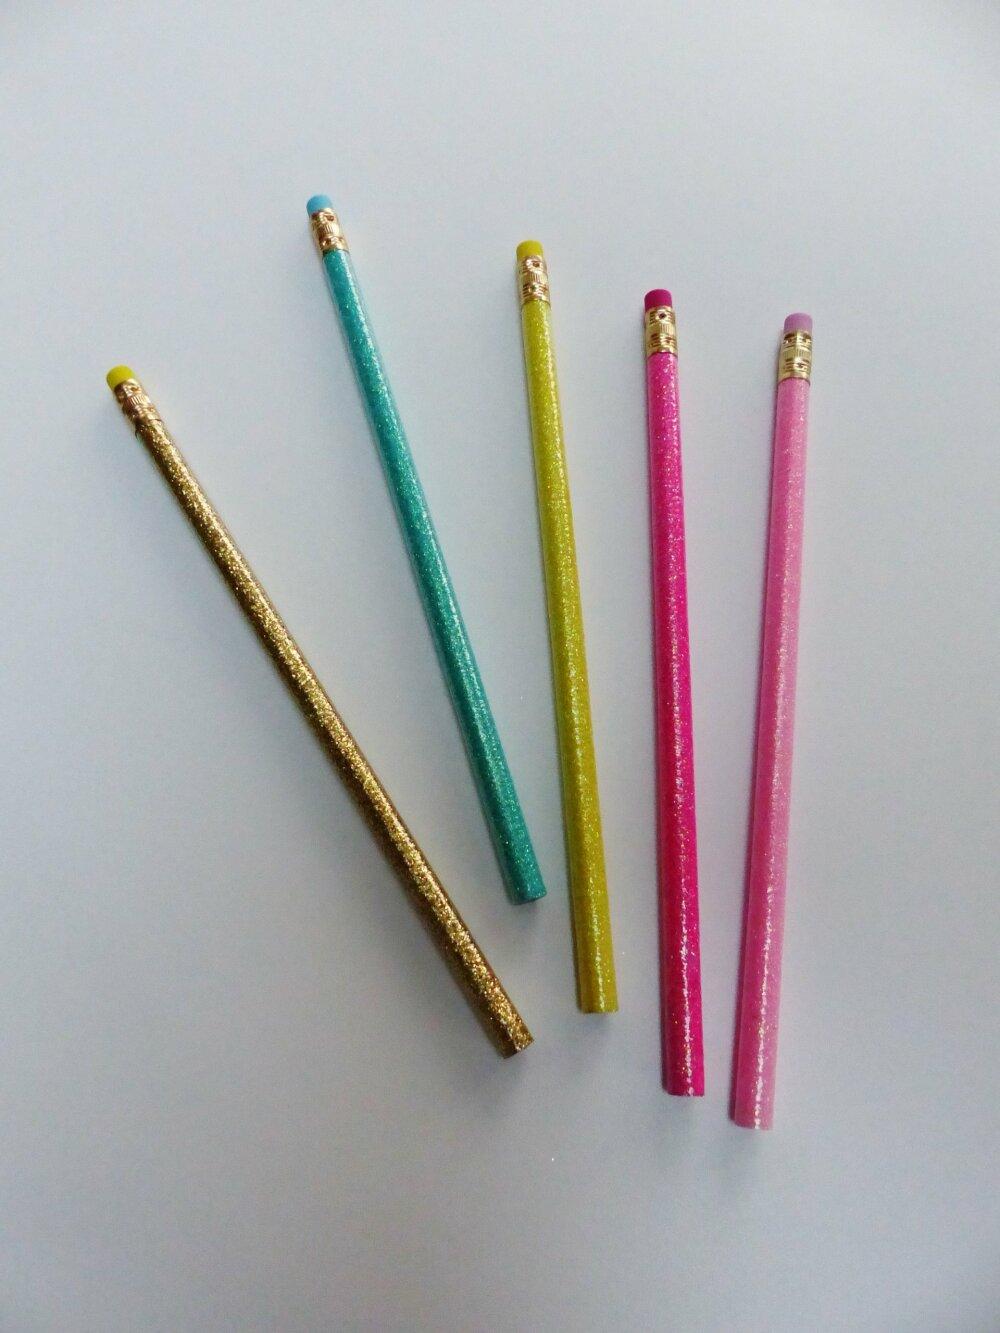 5 crayons à papier bois paillettes avec gomme arc en ciel jaune bleu vert rose or doré crayon de bois pailleté